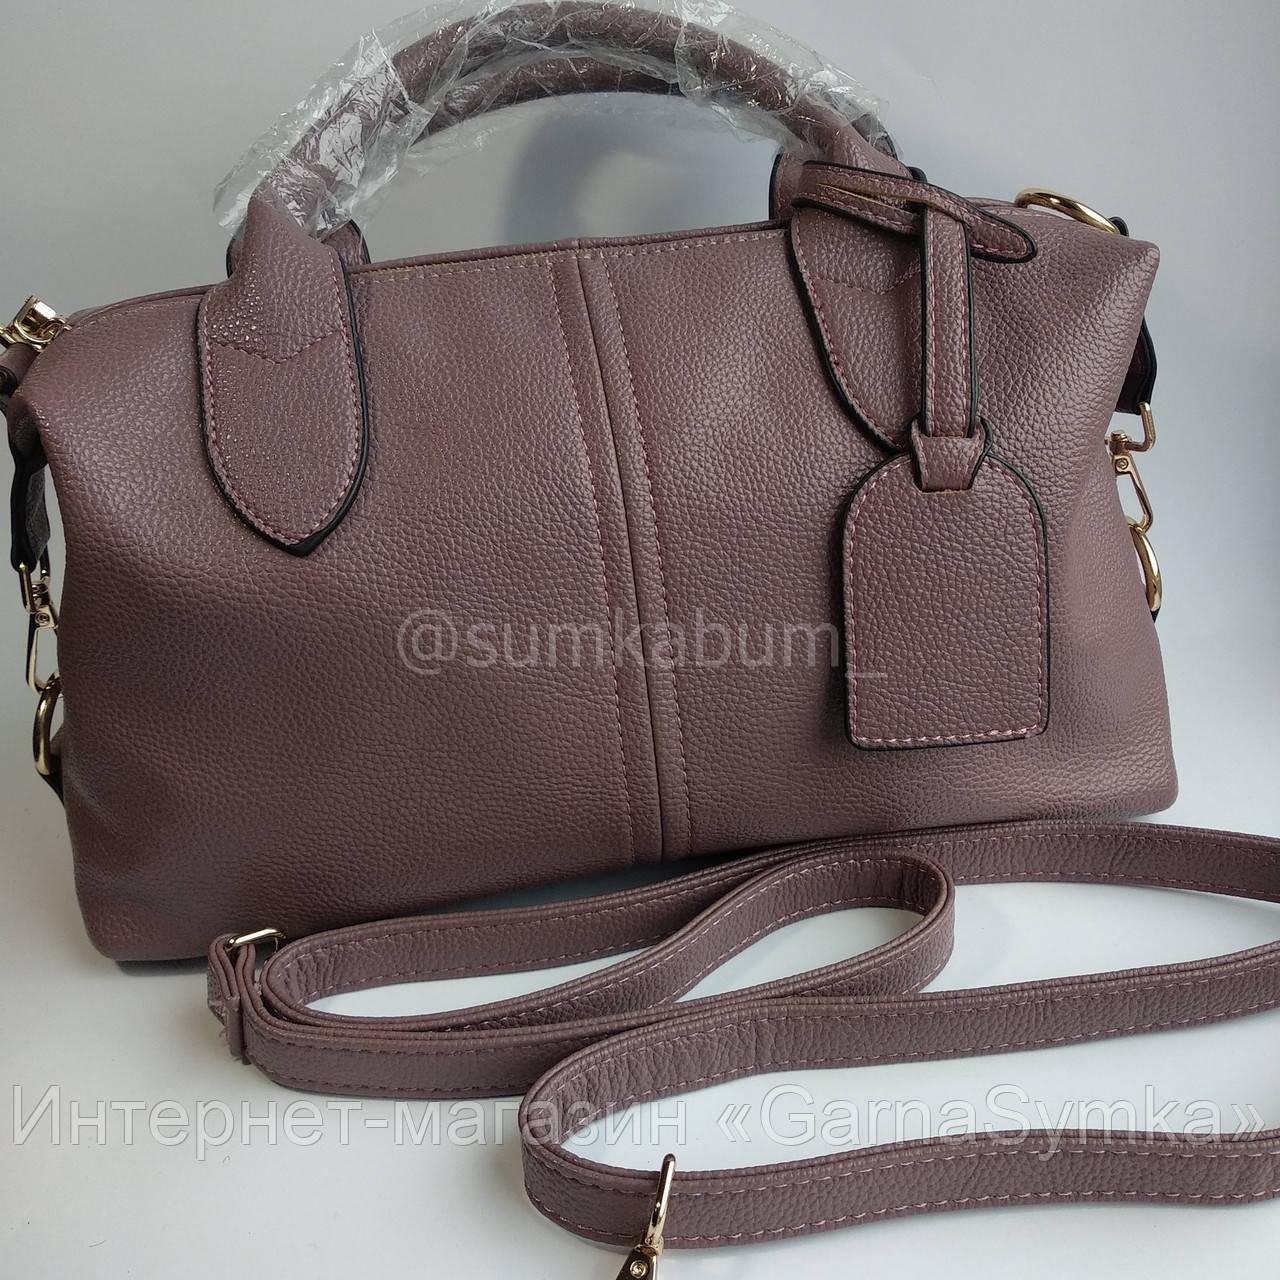 Мягкая и удобная кожаная сумочка отличного качества